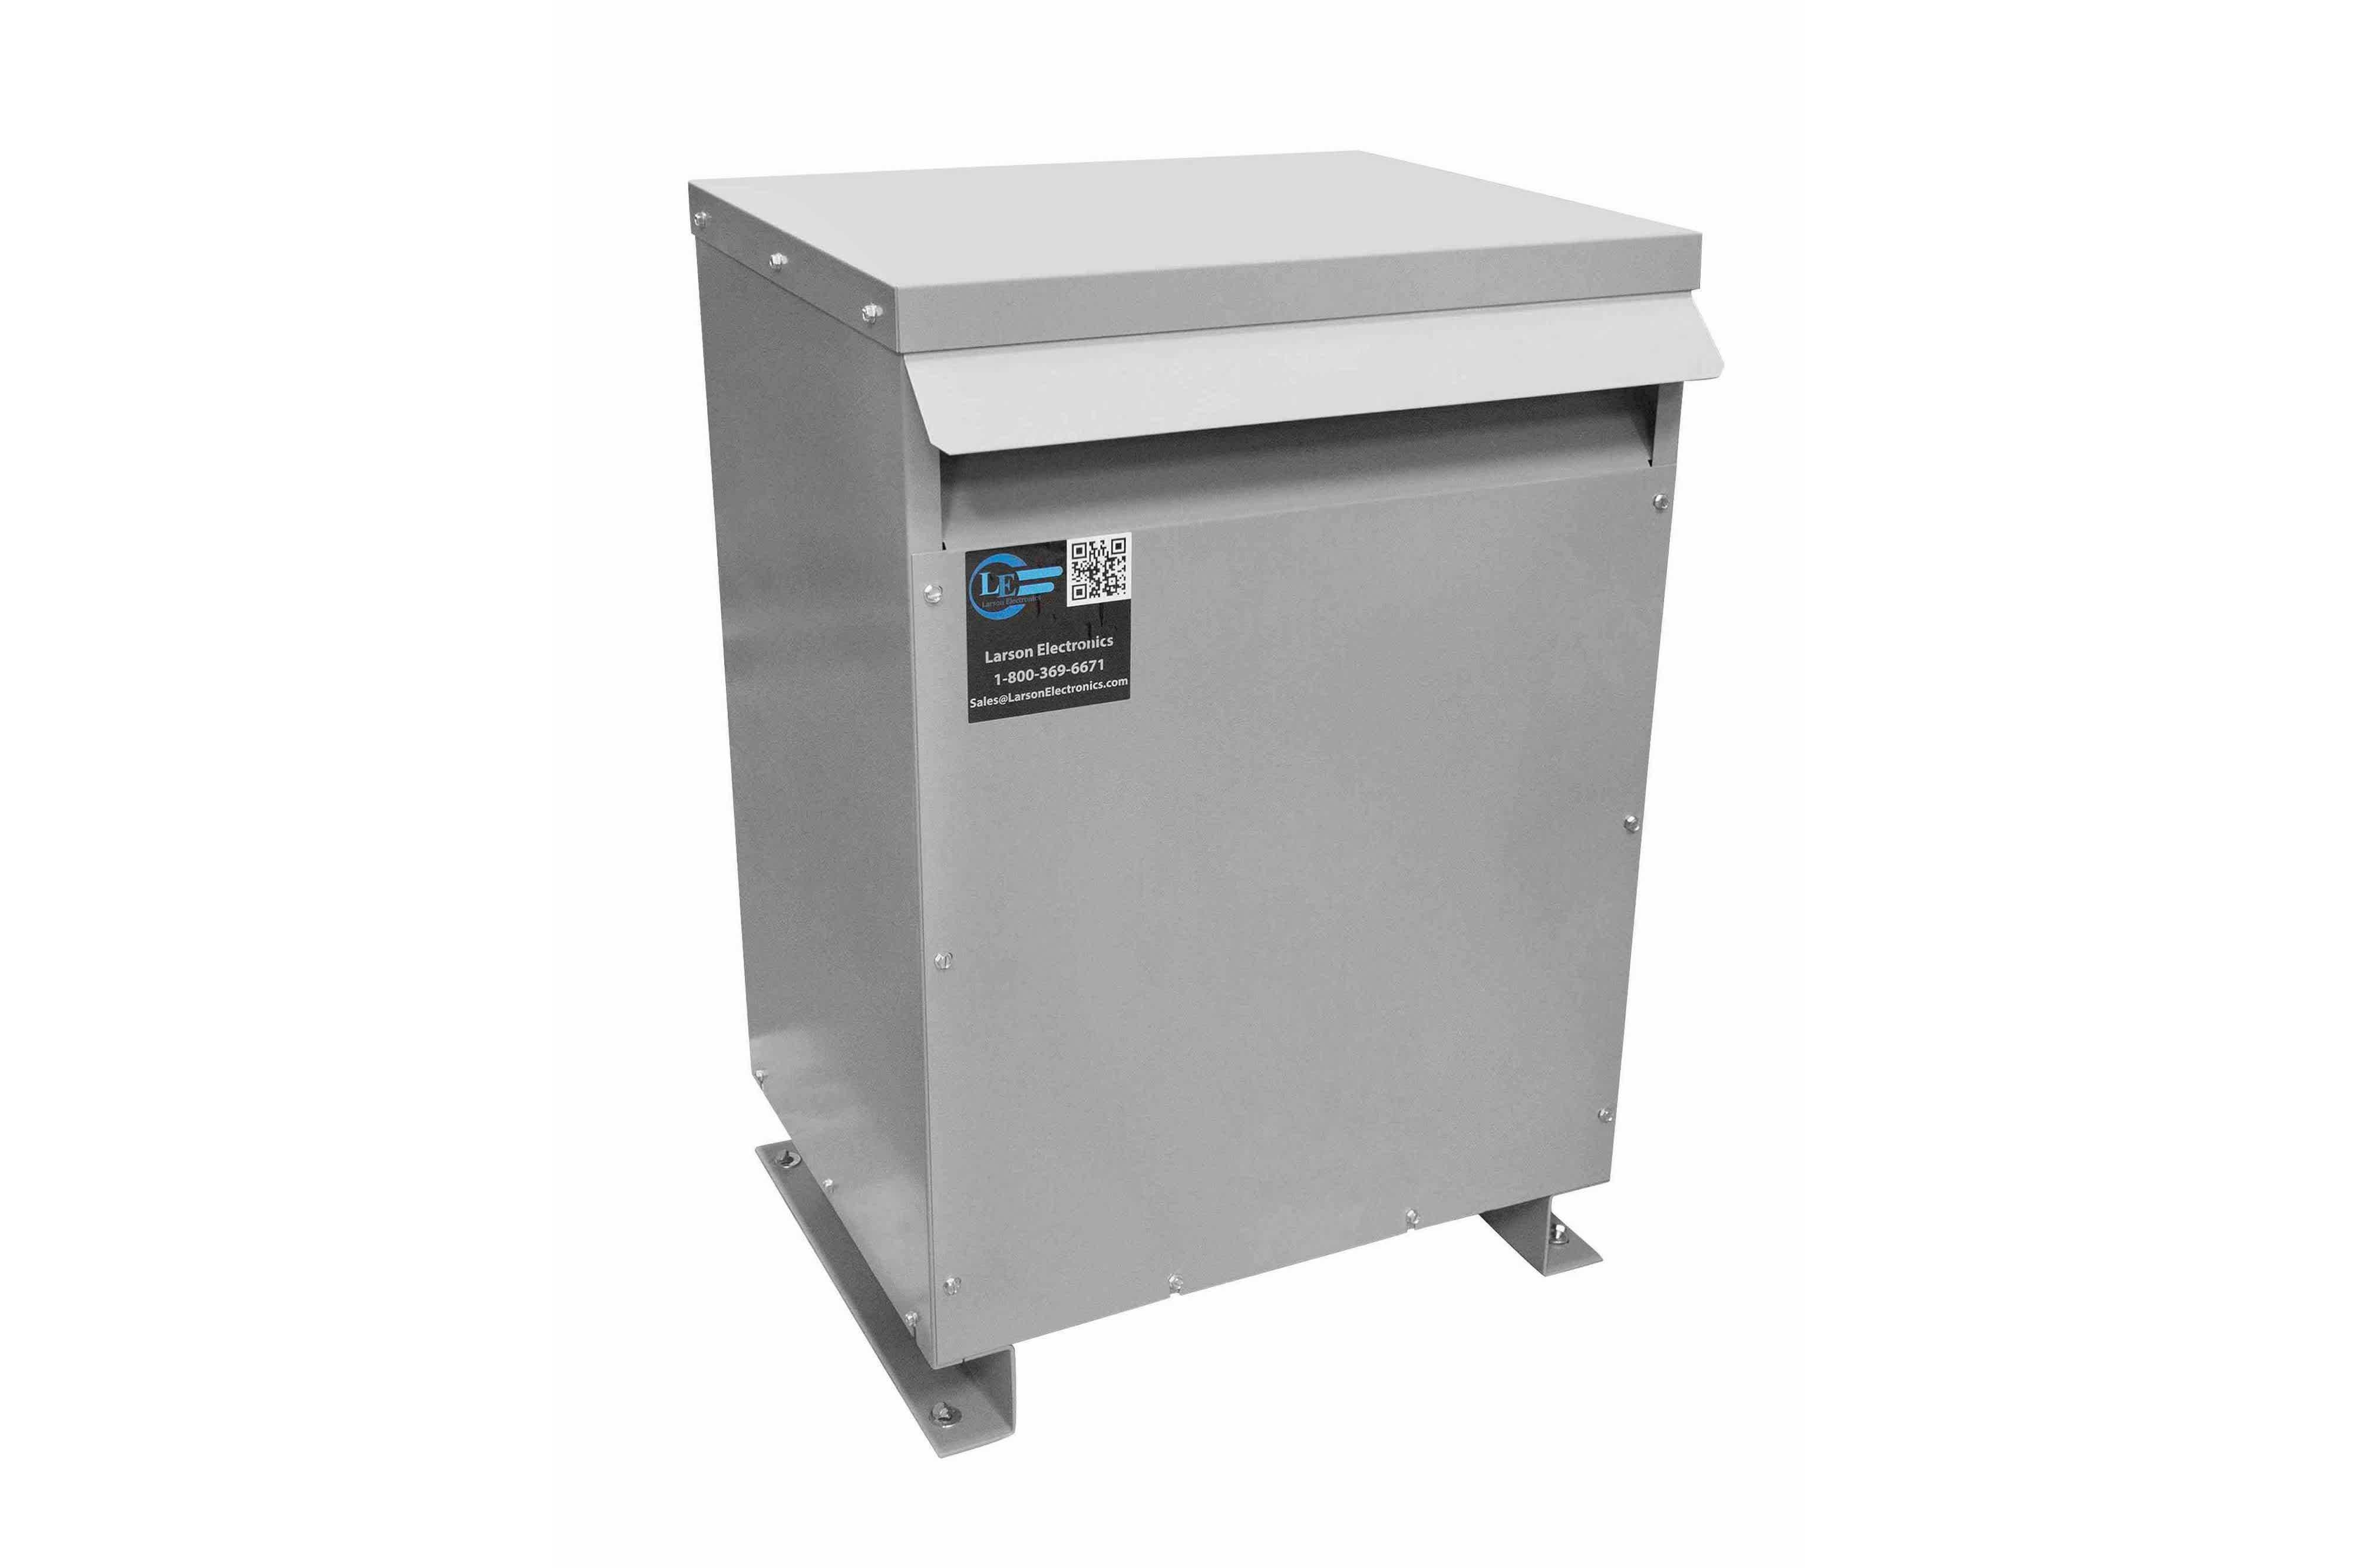 36 kVA 3PH Isolation Transformer, 208V Delta Primary, 240 Delta Secondary, N3R, Ventilated, 60 Hz